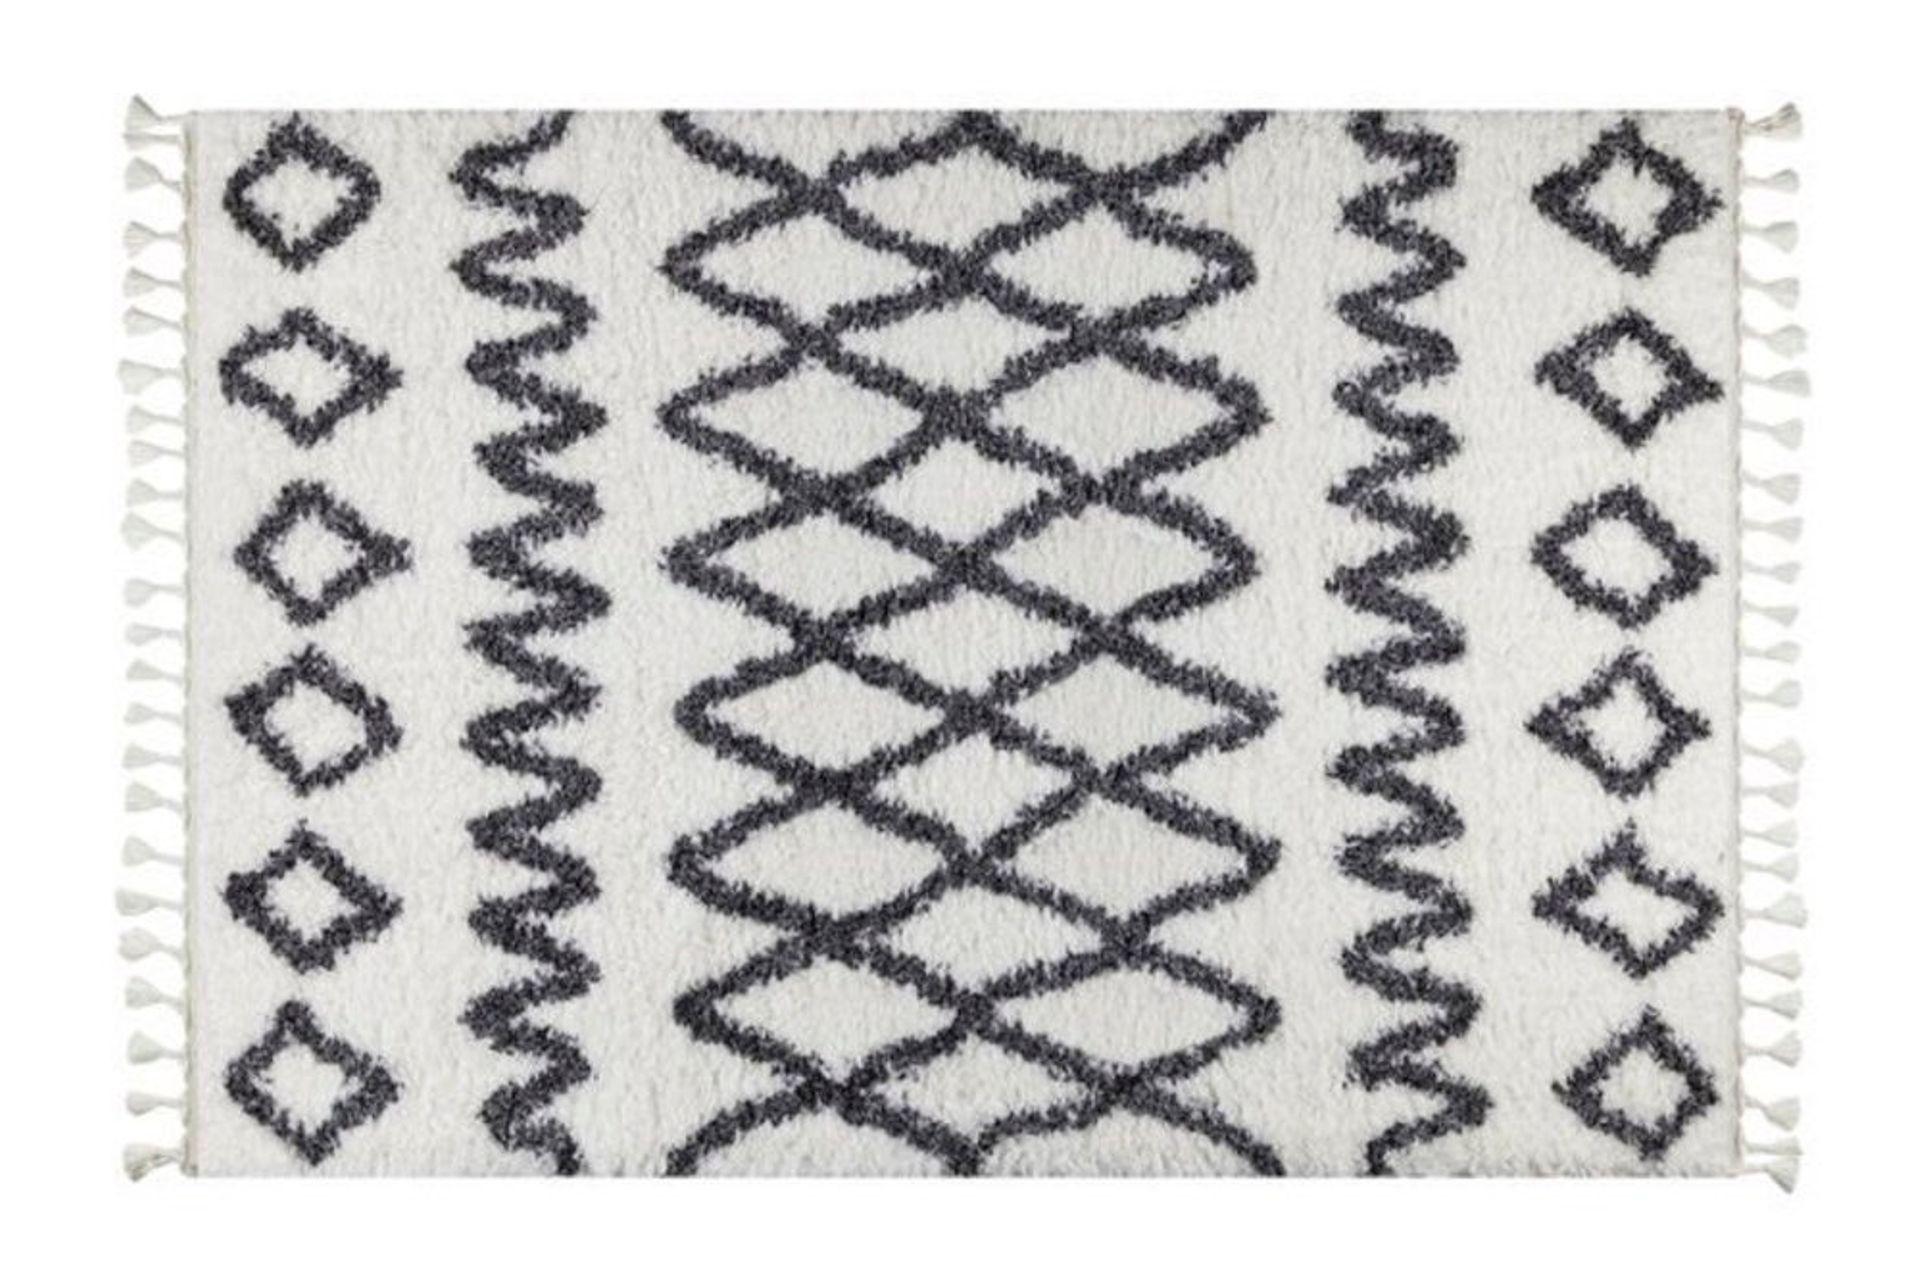 Marrakesh Pattern Rug, White & Anthracite Grey (Large)